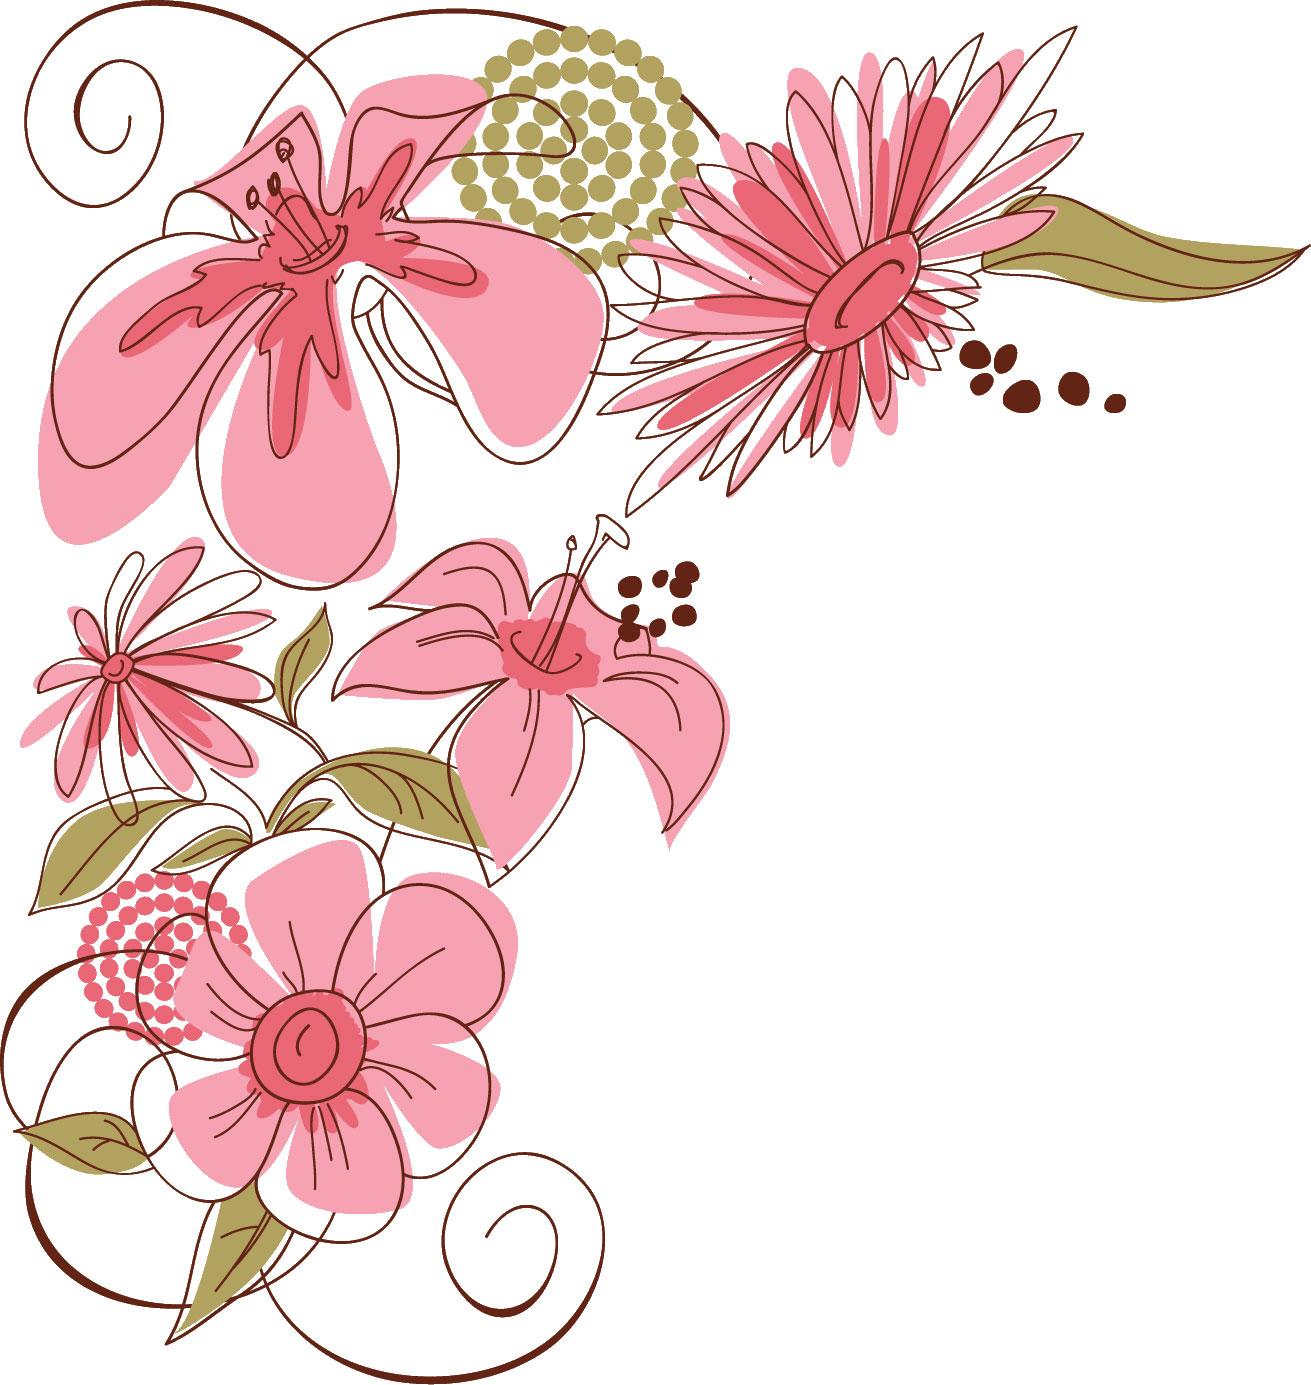 ポップでかわいい花のイラストフリー素材no175ユリポップフラワー